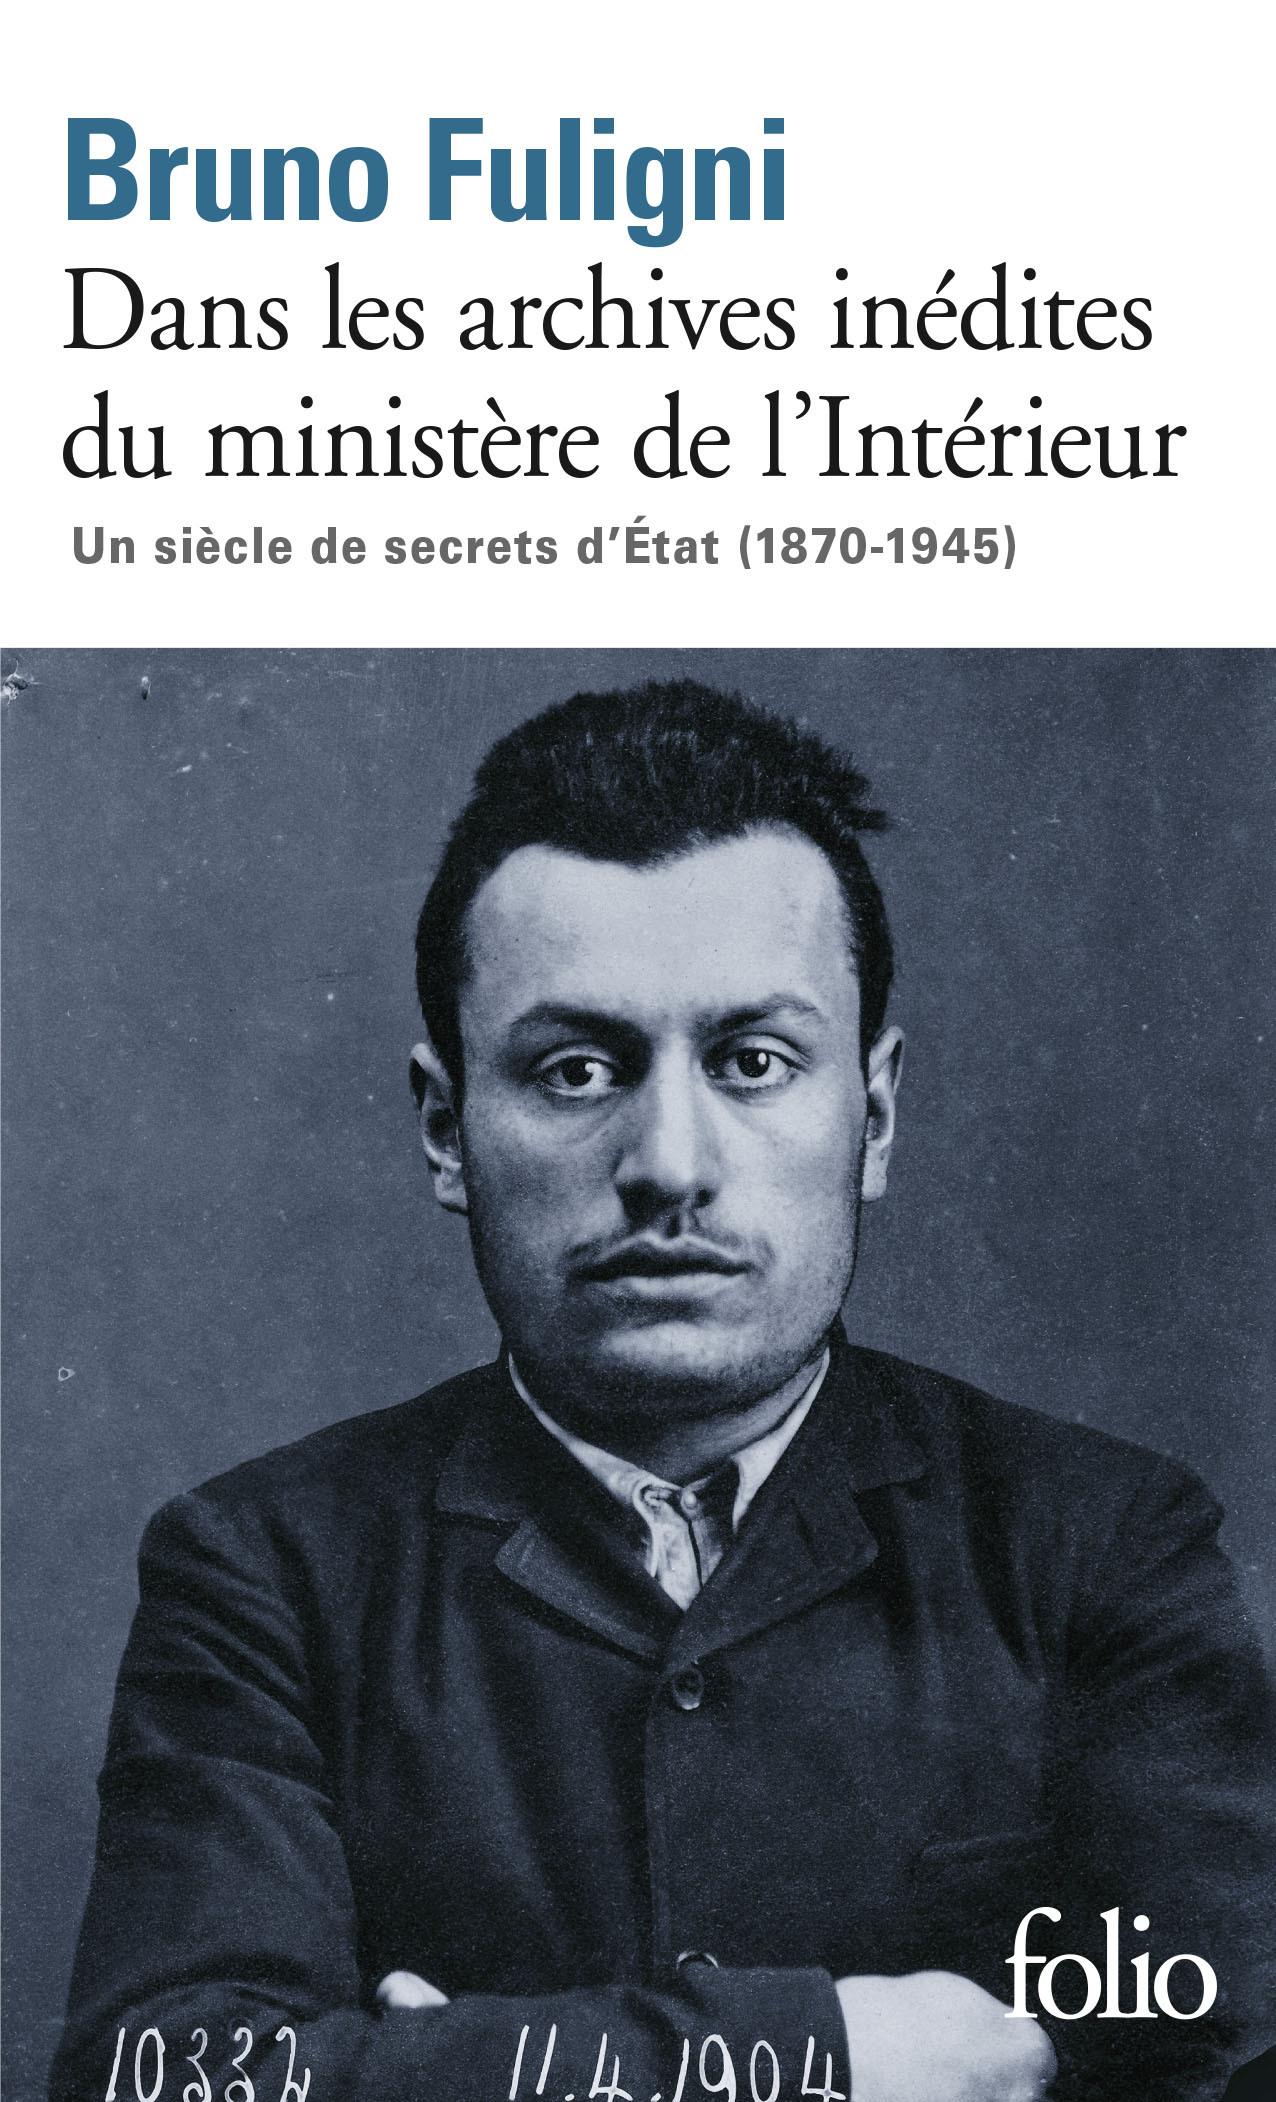 DANS LES ARCHIVES INEDITES DU MINISTERE DE L'INTERIEUR - UN SIECLE DE SECRETS D'ETAT (1870-1945)